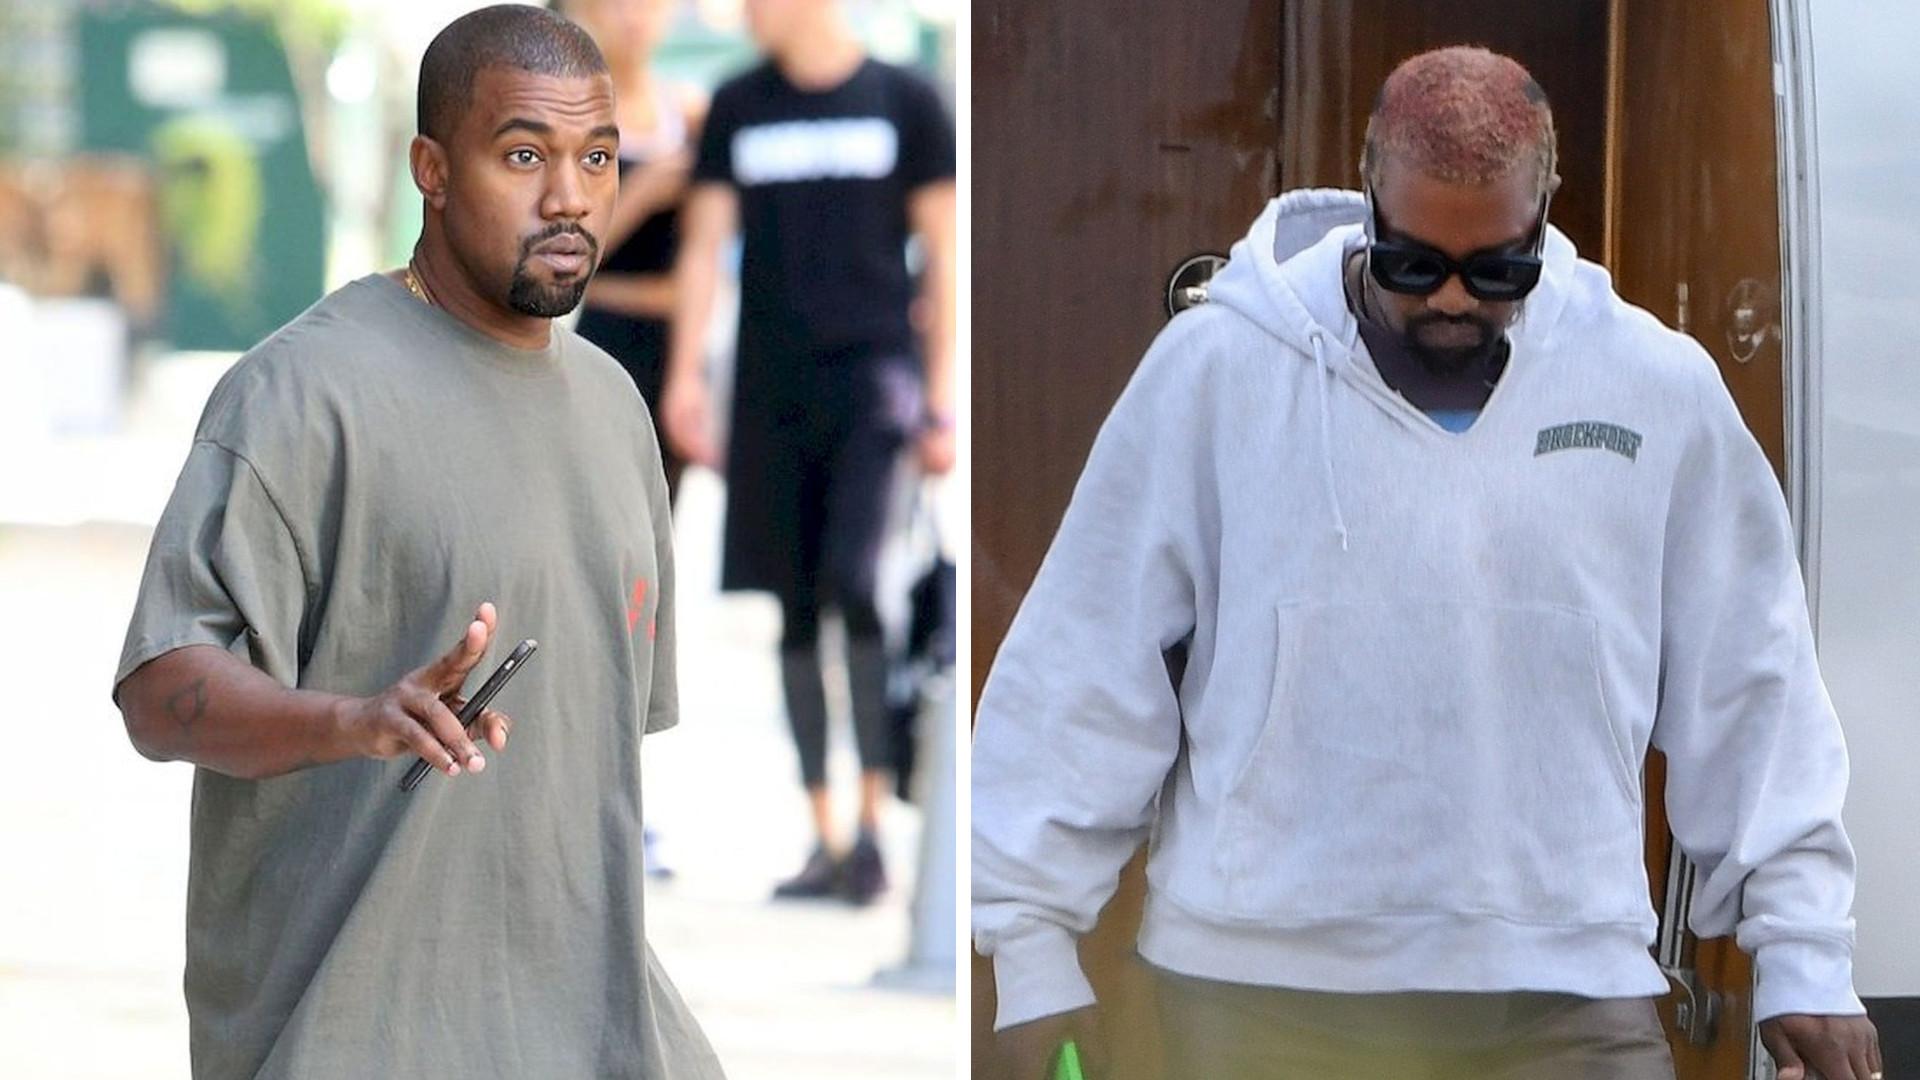 OMG! Kanye West jest bogatszy, niż wszyscy sądzą. Oto majątek rapera